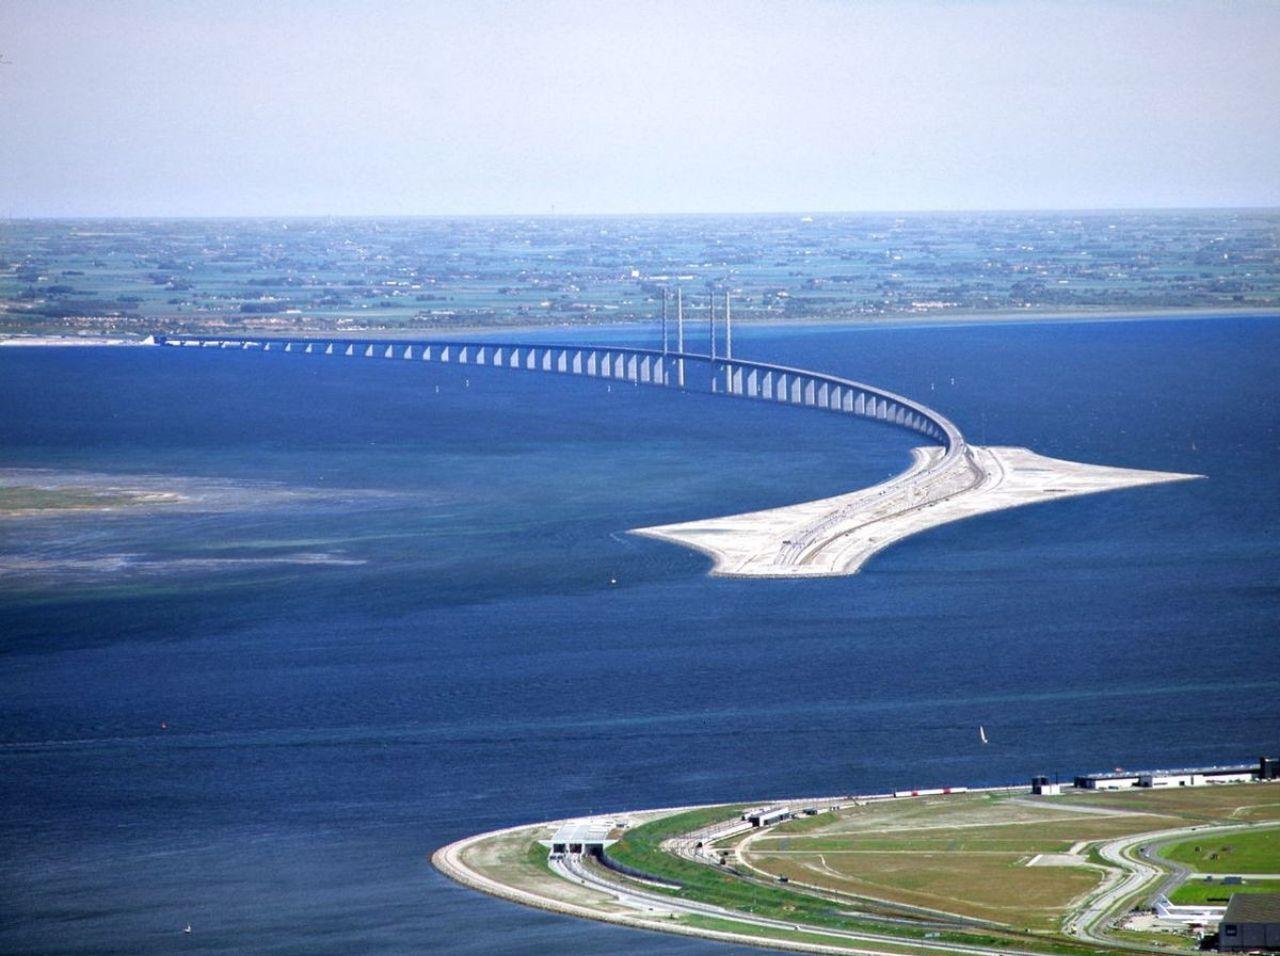 """پل ریلی جاده ای معروف """"اورسوند"""" مرز بین دانمارک و سوئد + عکس"""